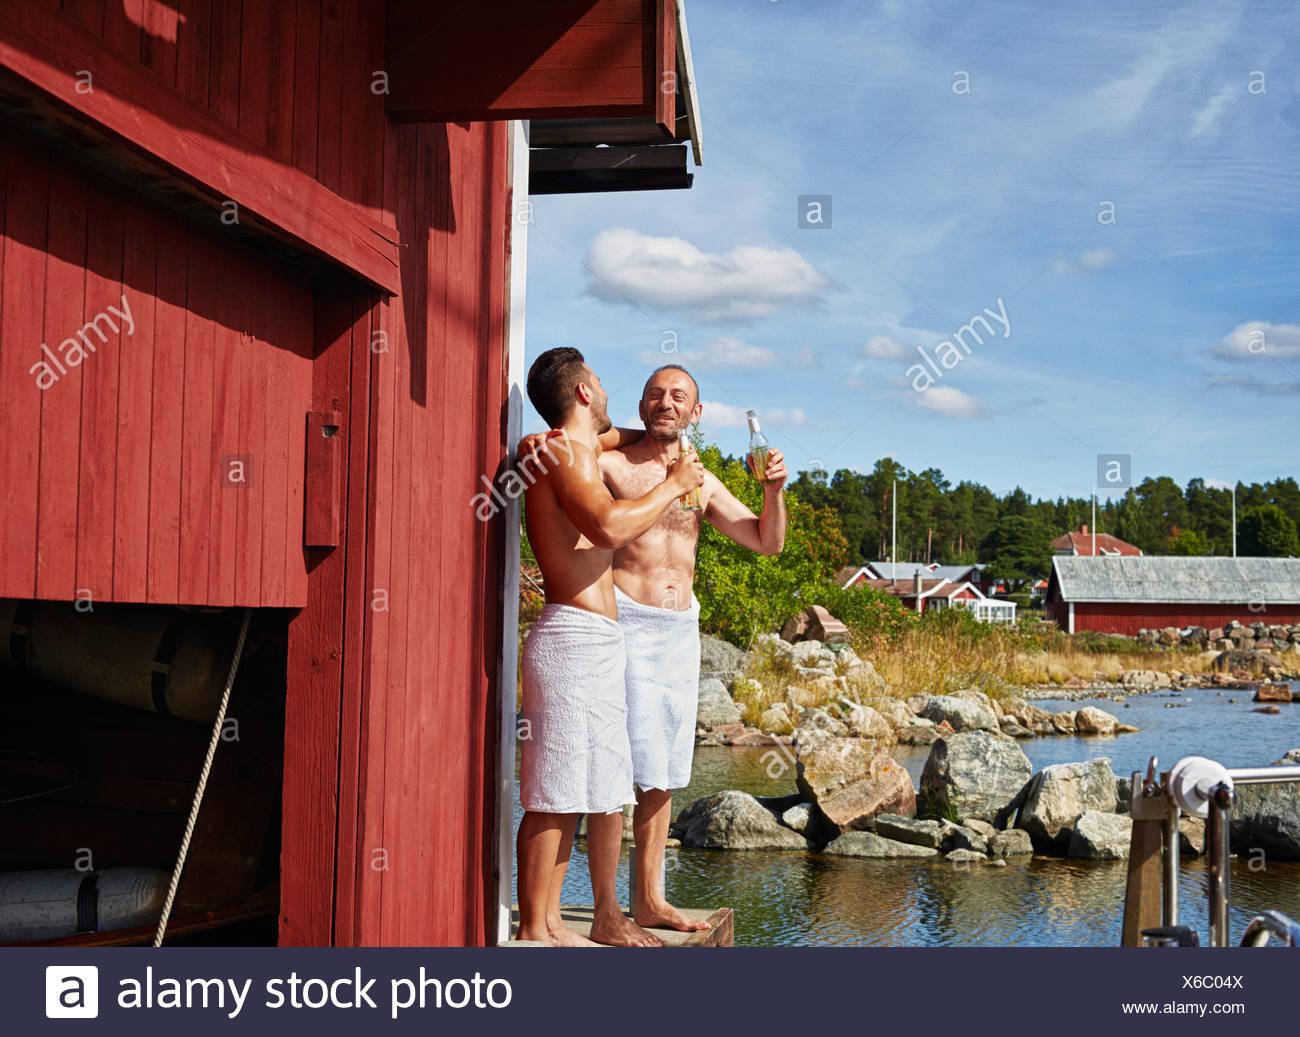 Dos hombres con cervezas fuera sauna Foto de stock